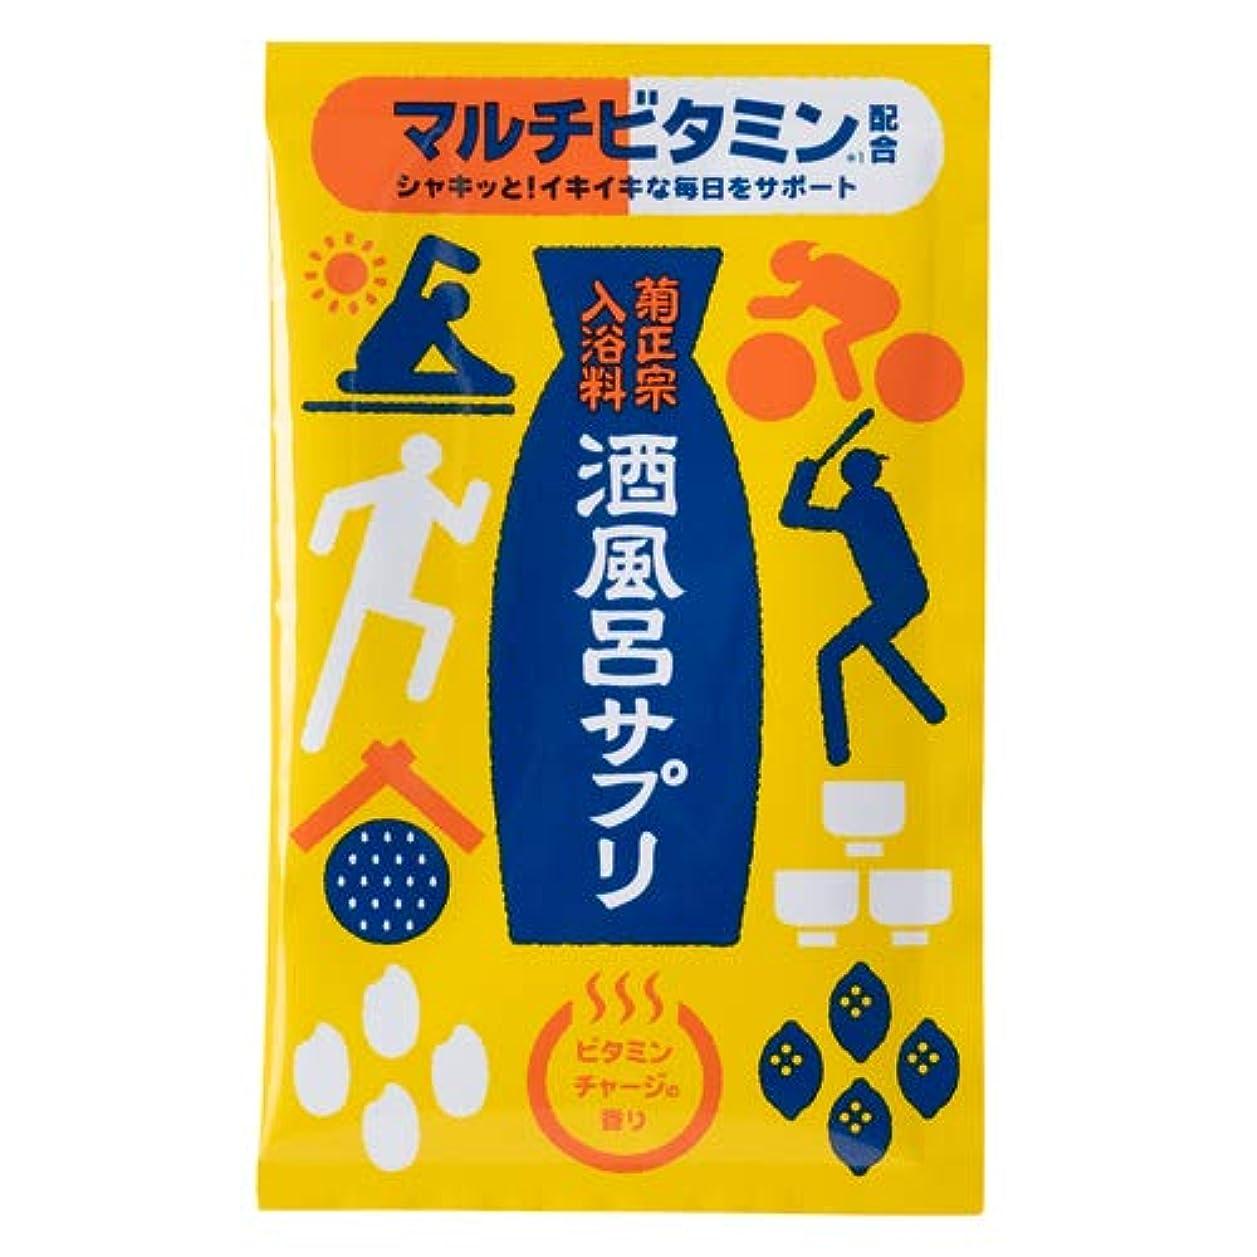 変わる剣砂利菊正宗 入浴料 酒風呂サプリ マルチビタミン